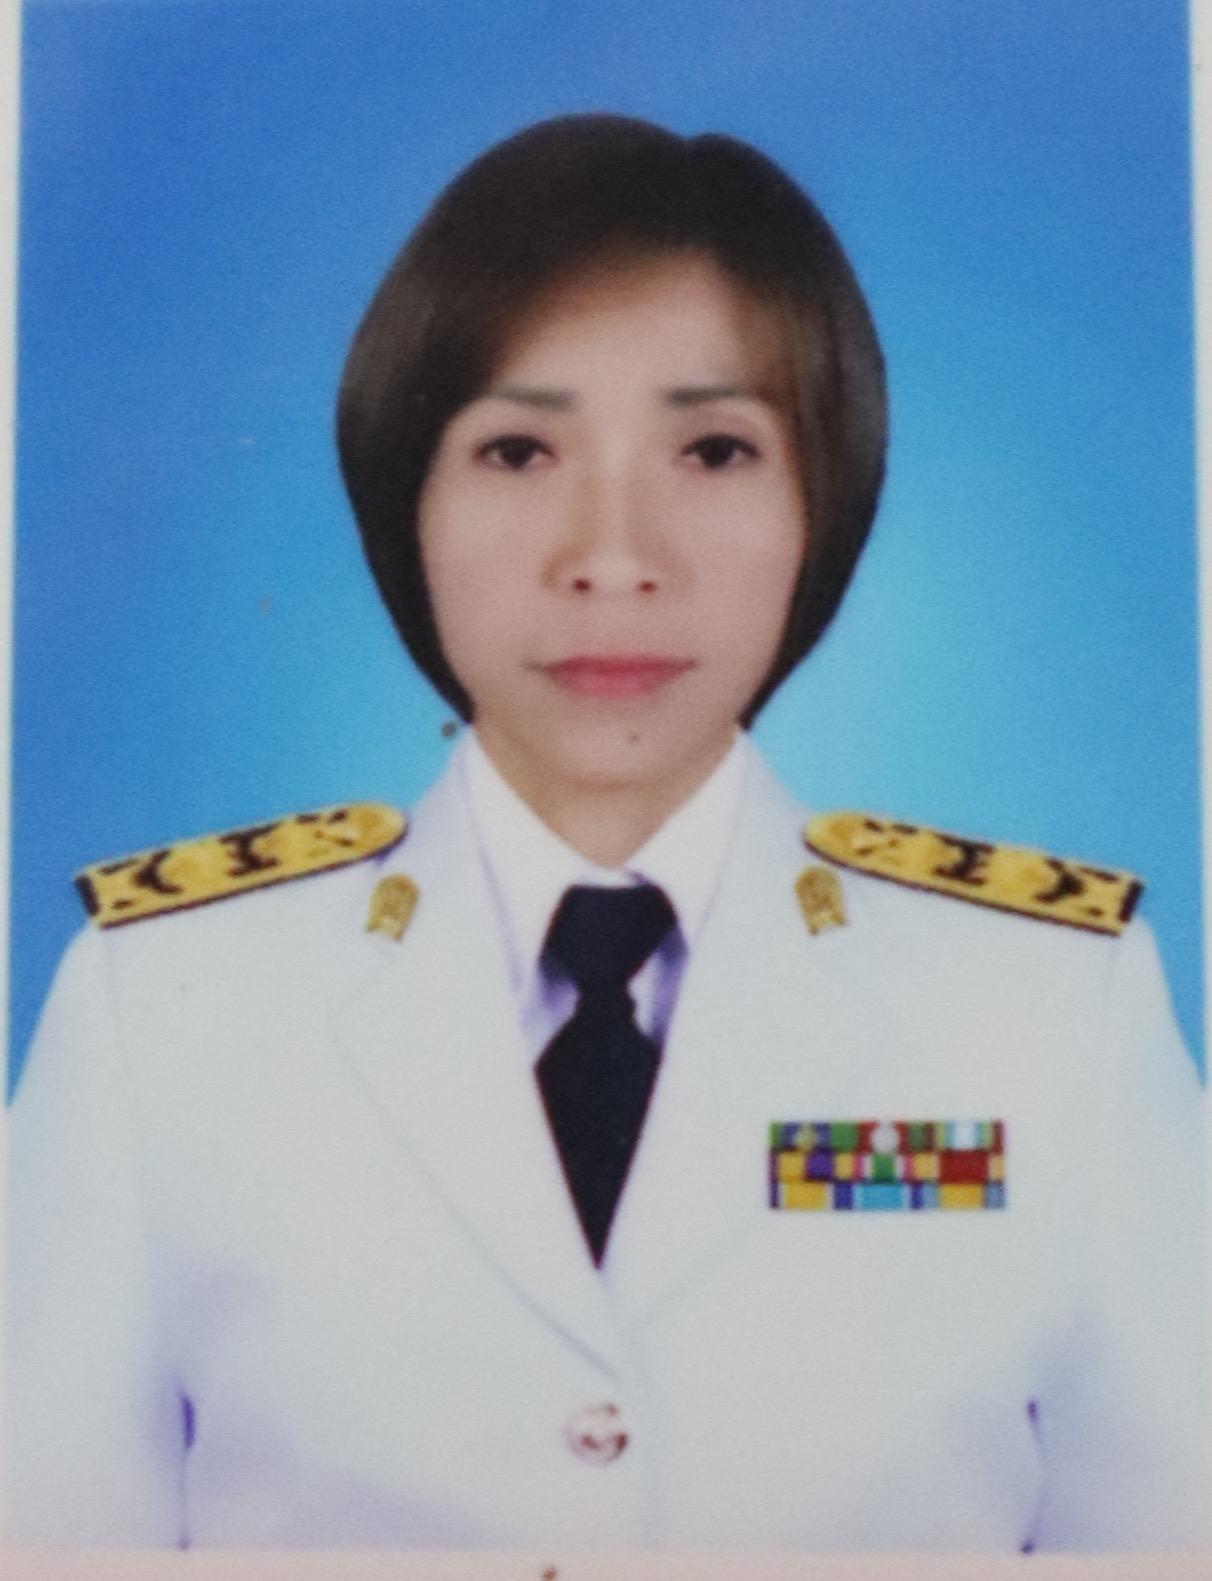 นางสาวชลธิชา ชัยชนะผู้อำนวยการโรงเรียนบ้านเหล่าเกวียนหักโทร : 085-4590891Email : bomkkn@gmail.com